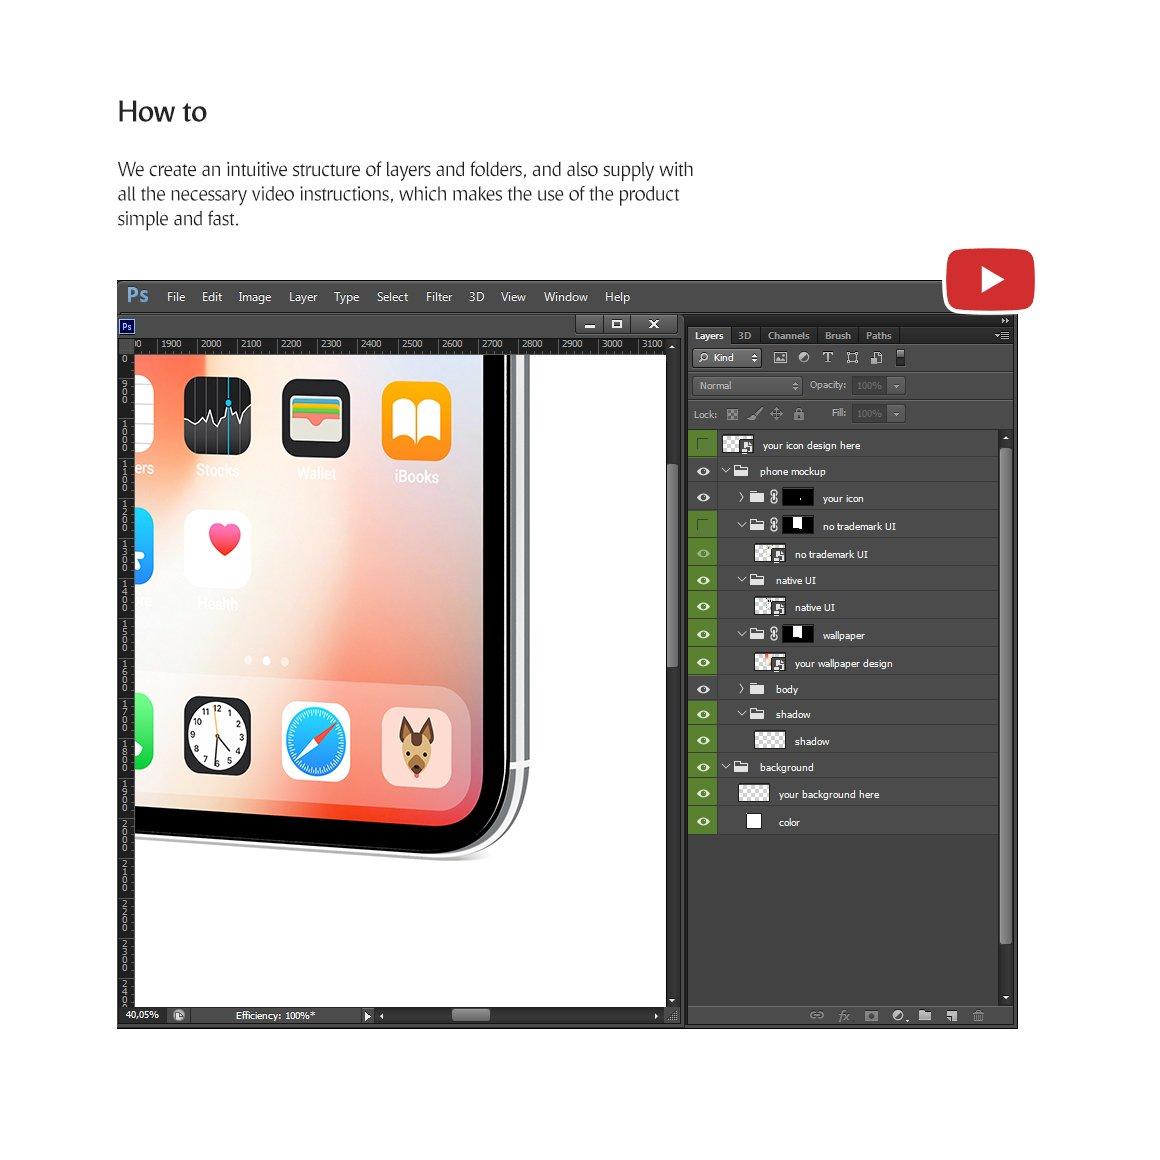 APP应用界面设计手机屏幕演示样机 Phone App Mockups Set插图(5)